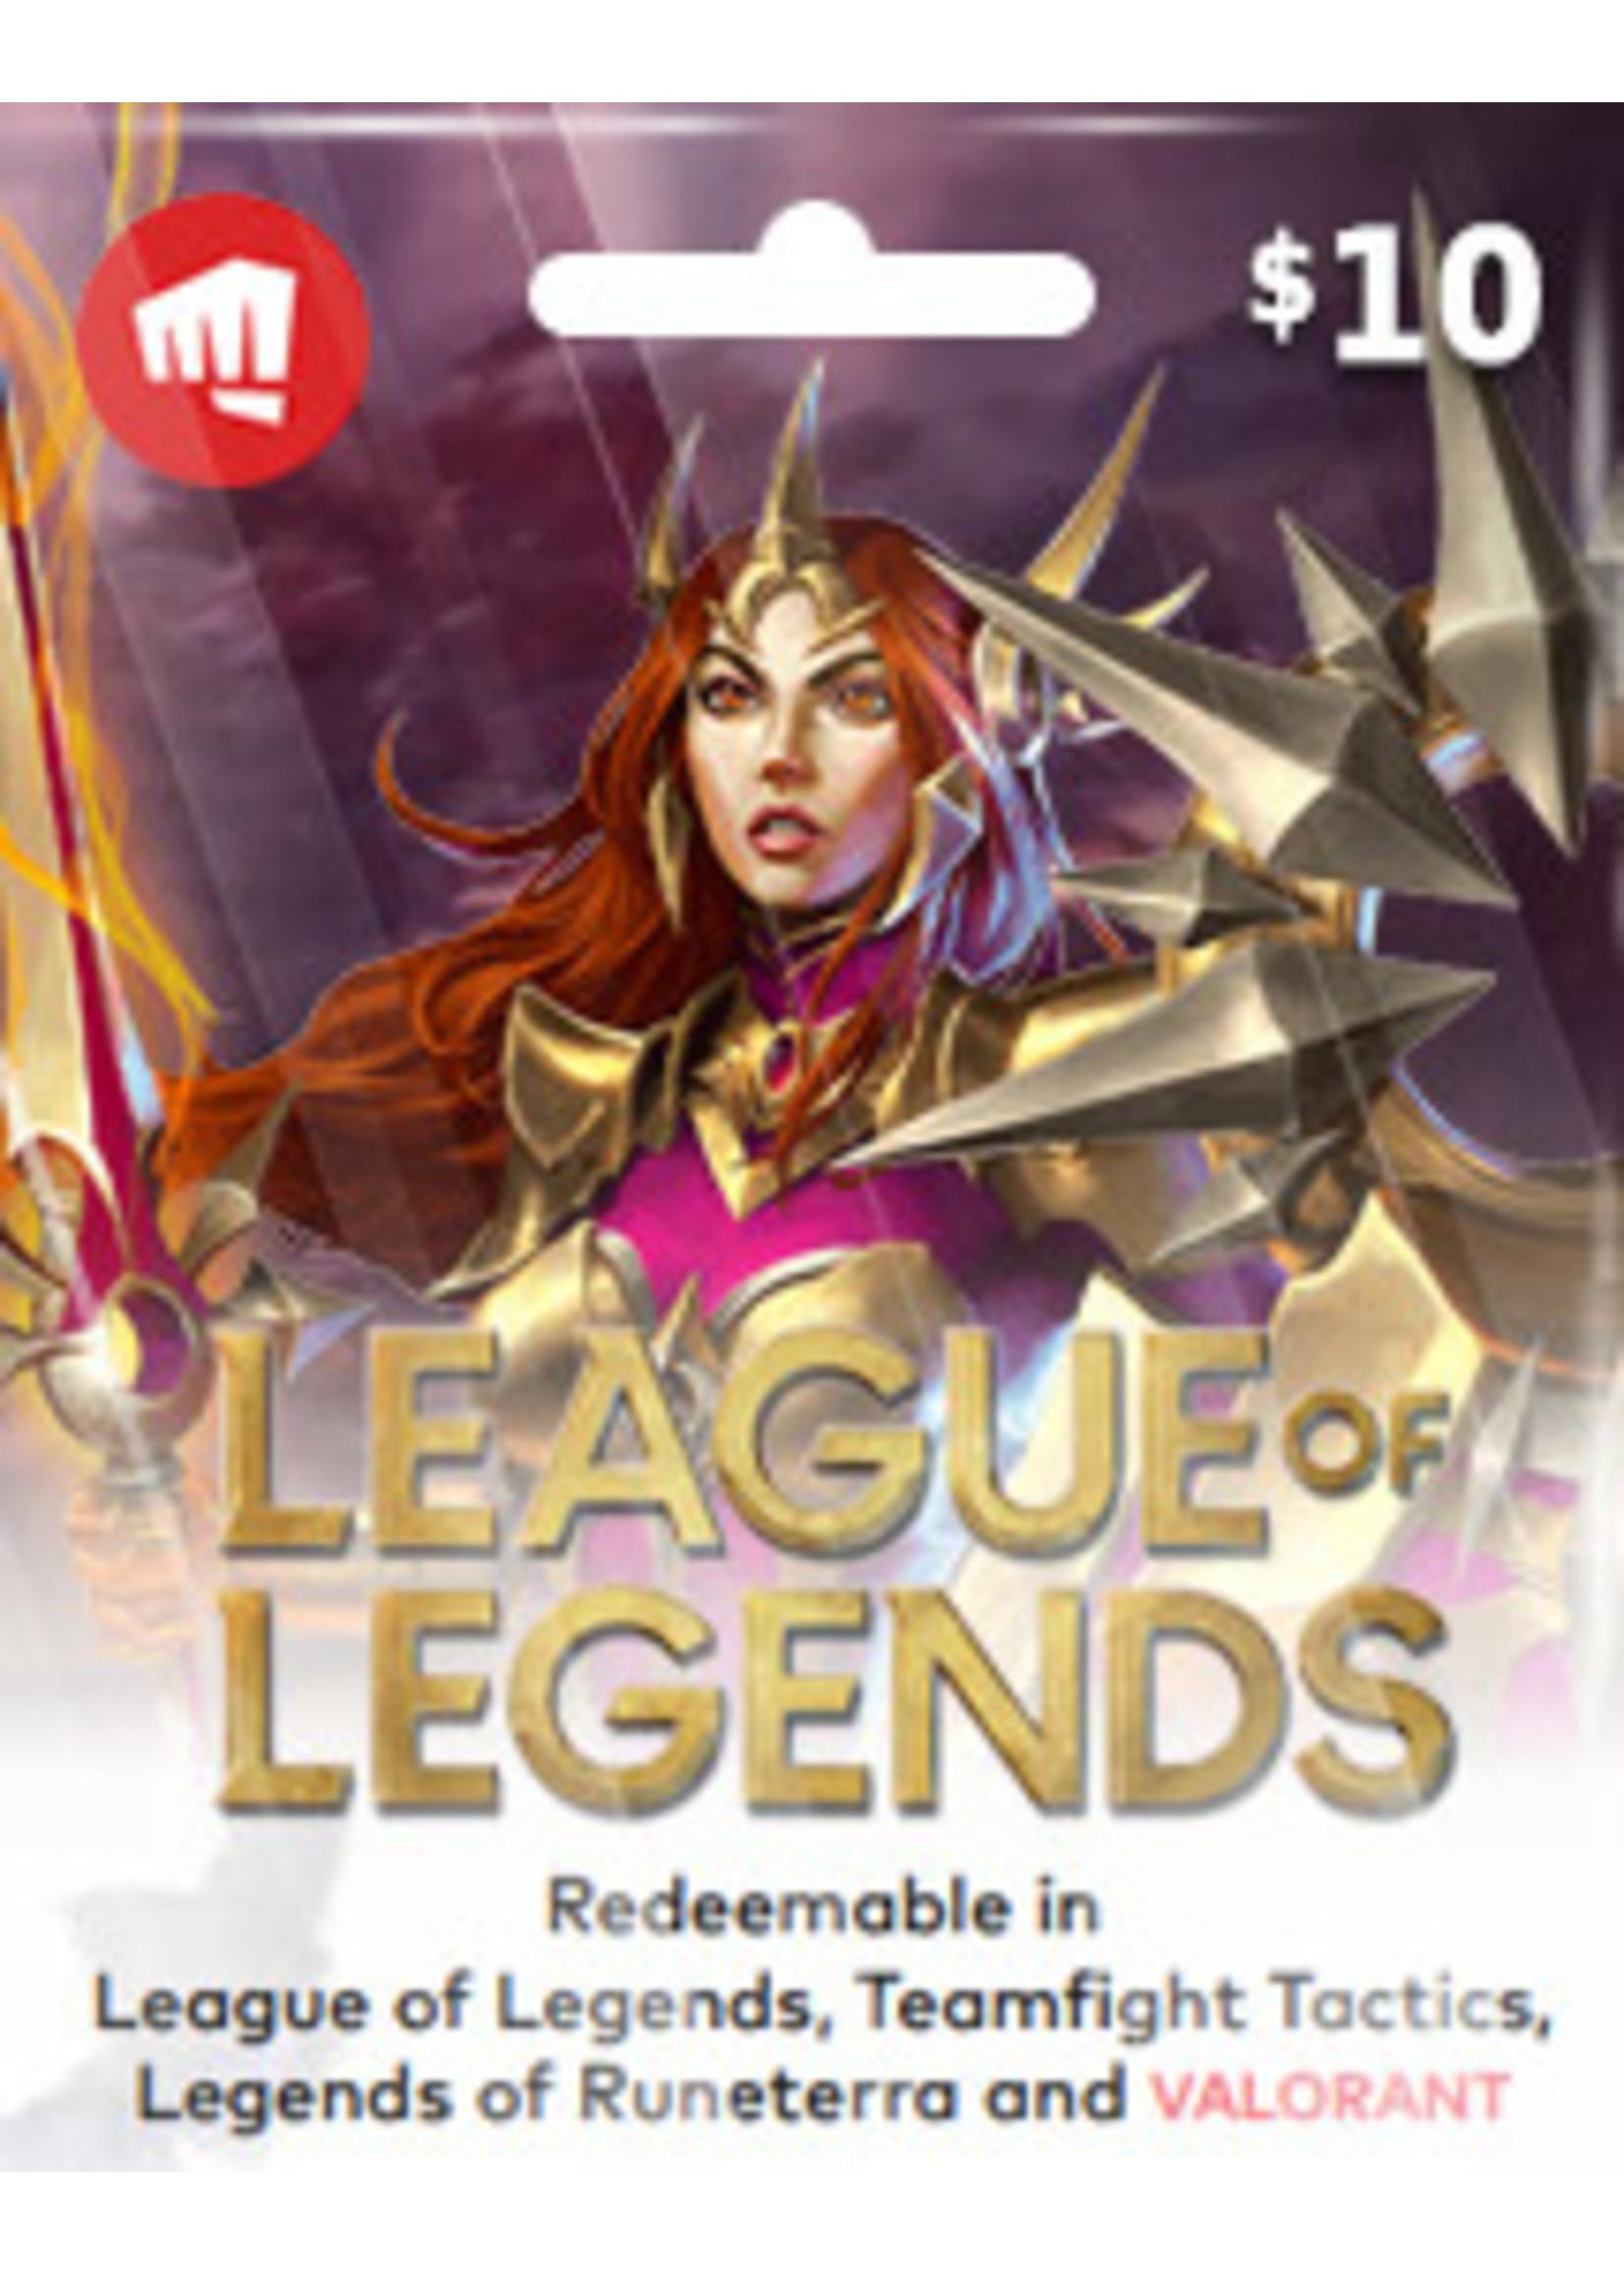 League of Legends $10